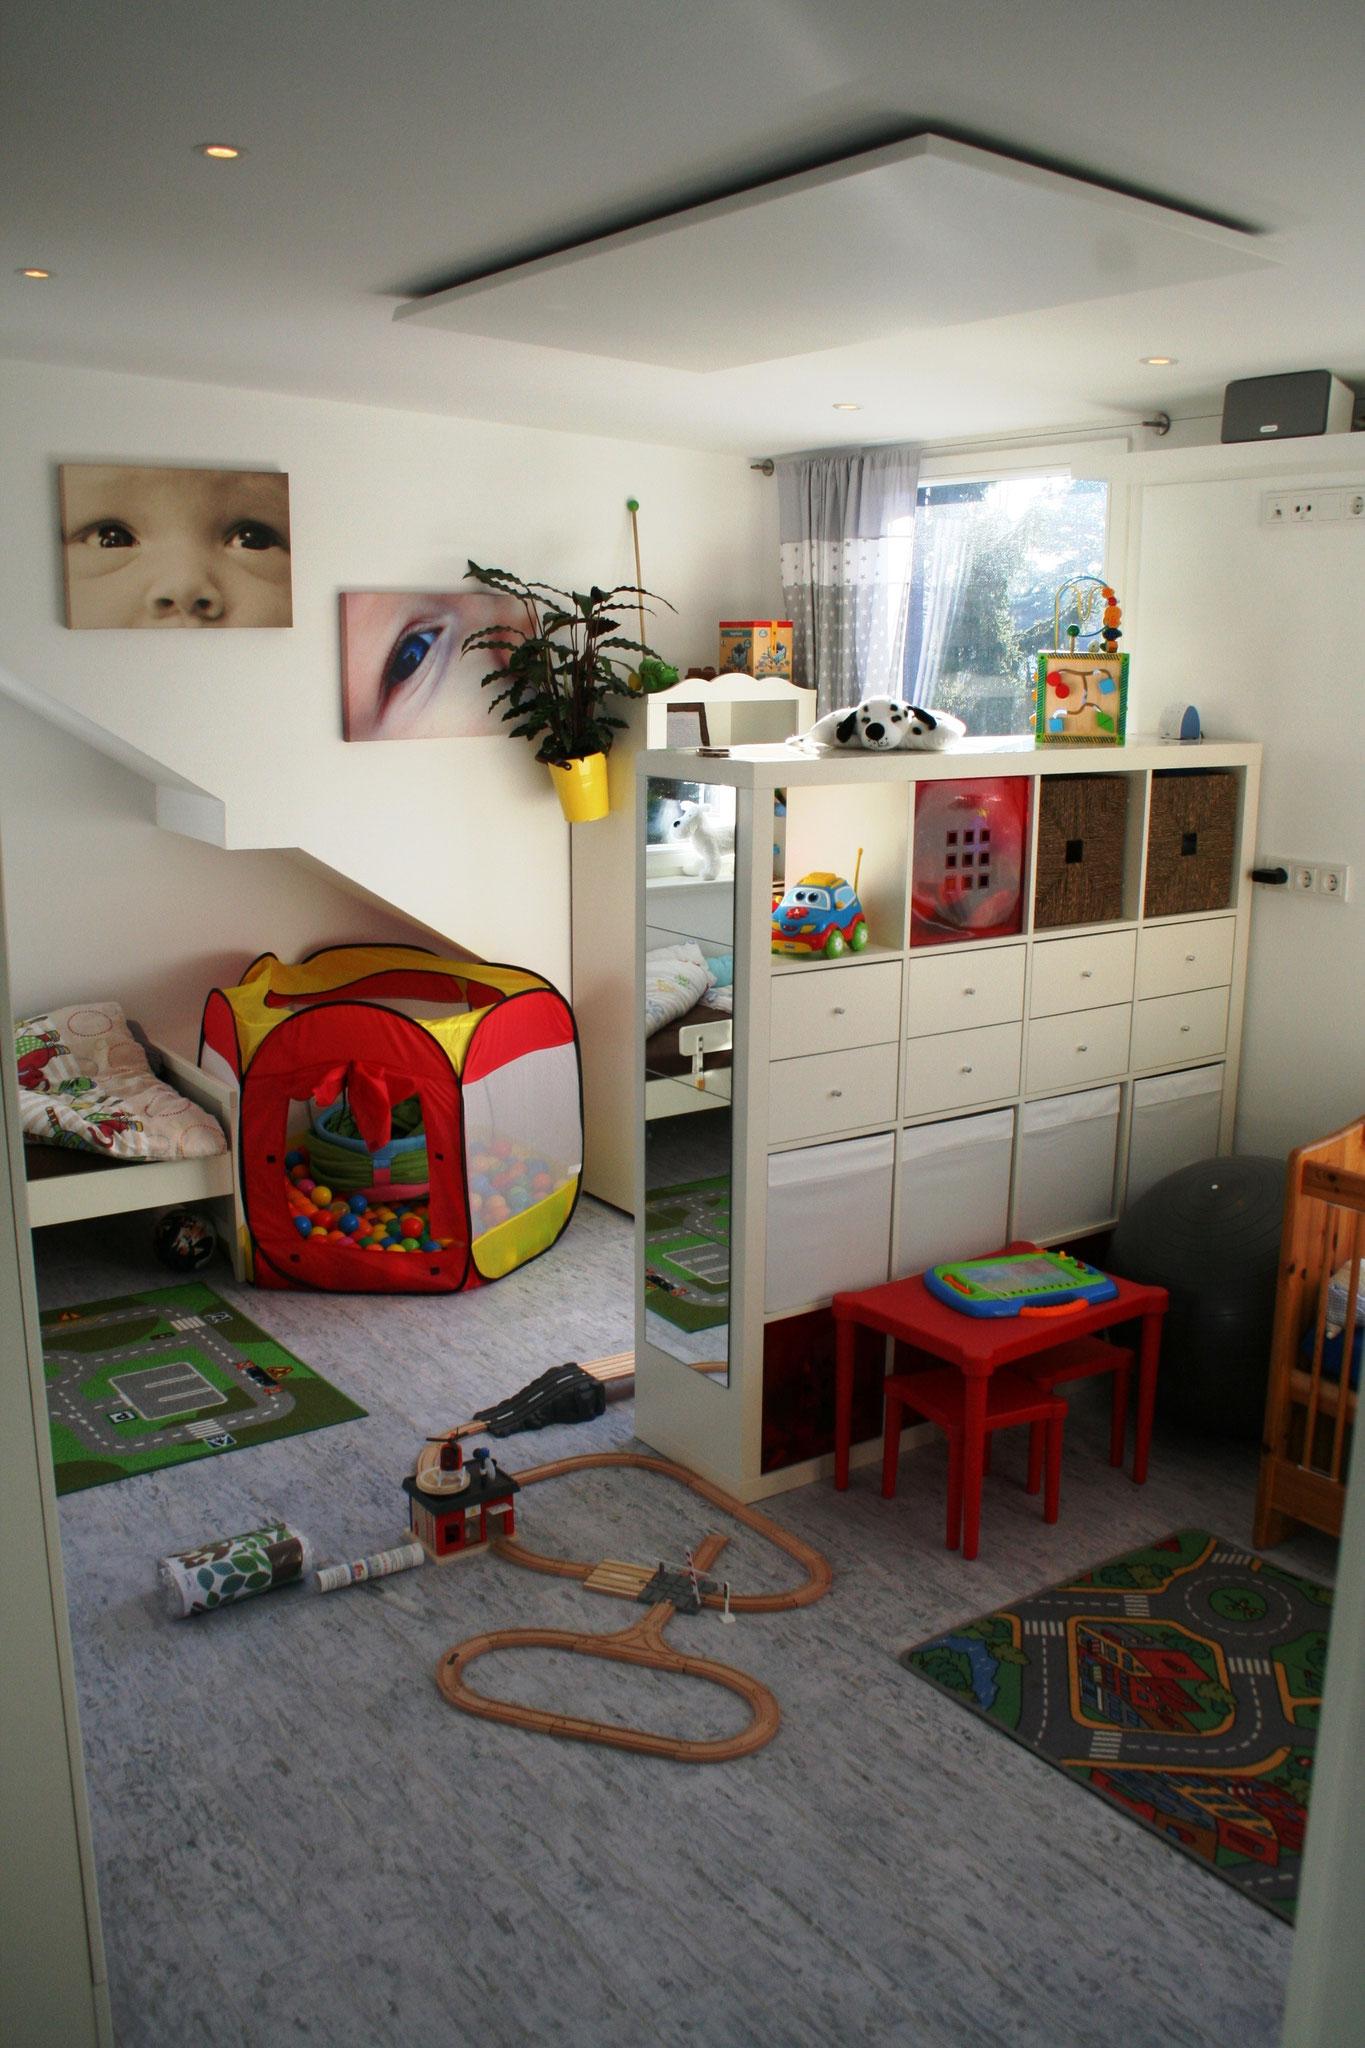 REDPUR / HALLER Infrarotheizung Deckenmontage im Kinderzimmer